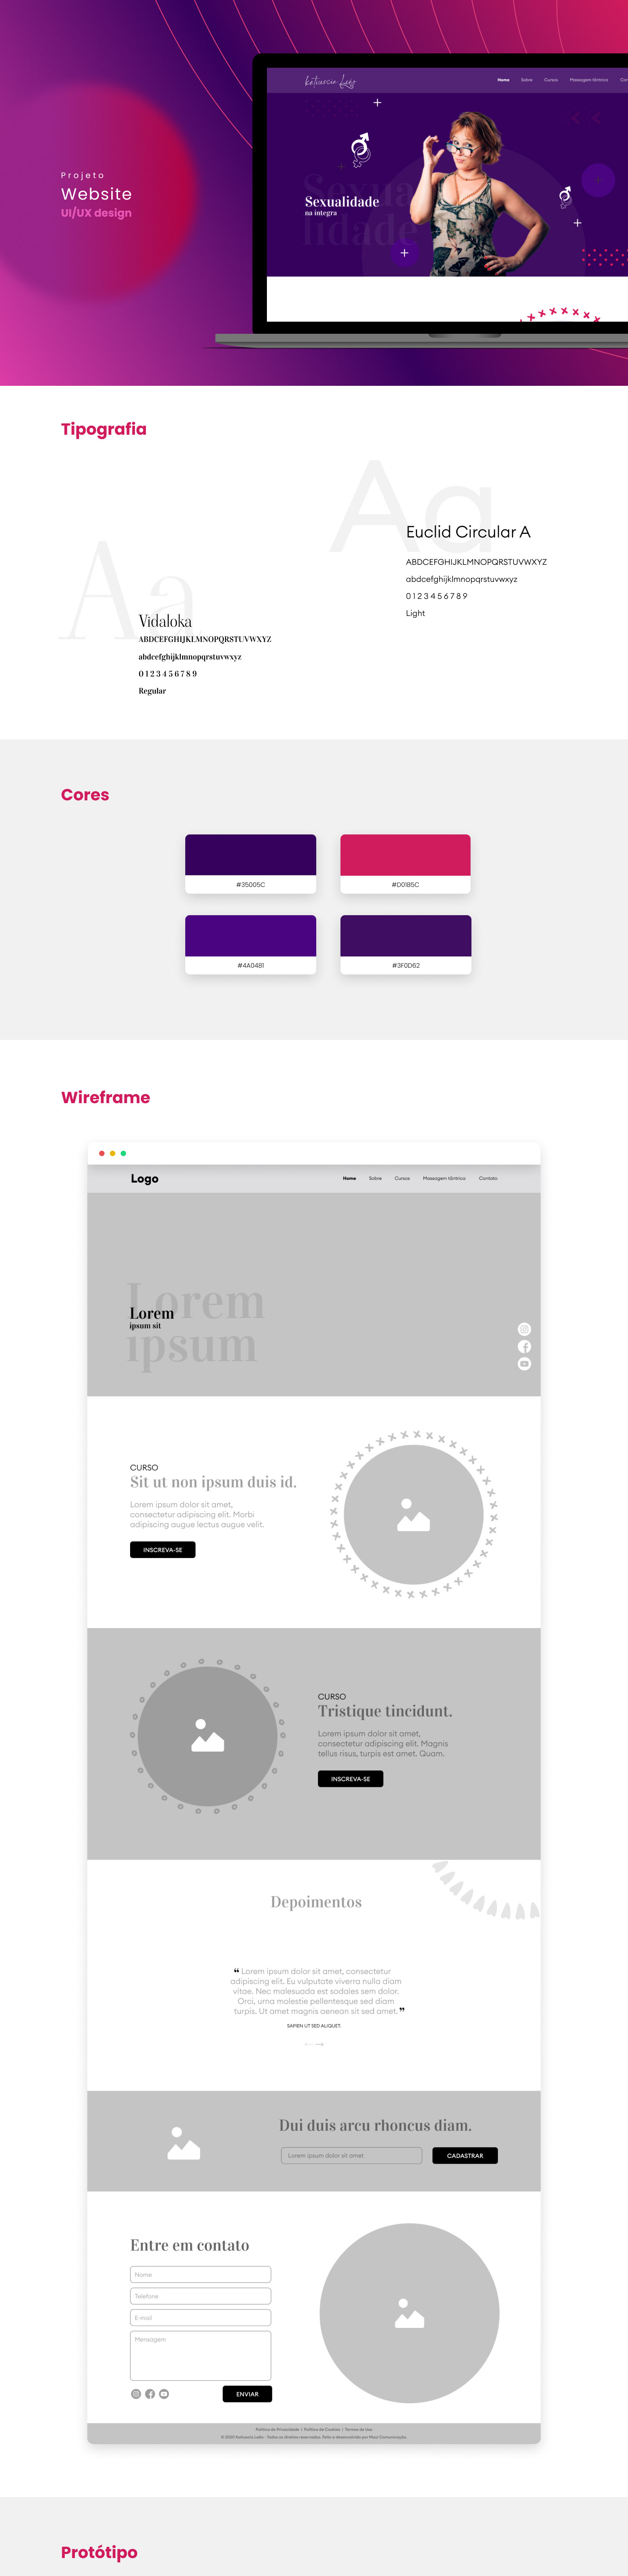 design desktop layoult ui design UX design Web Website